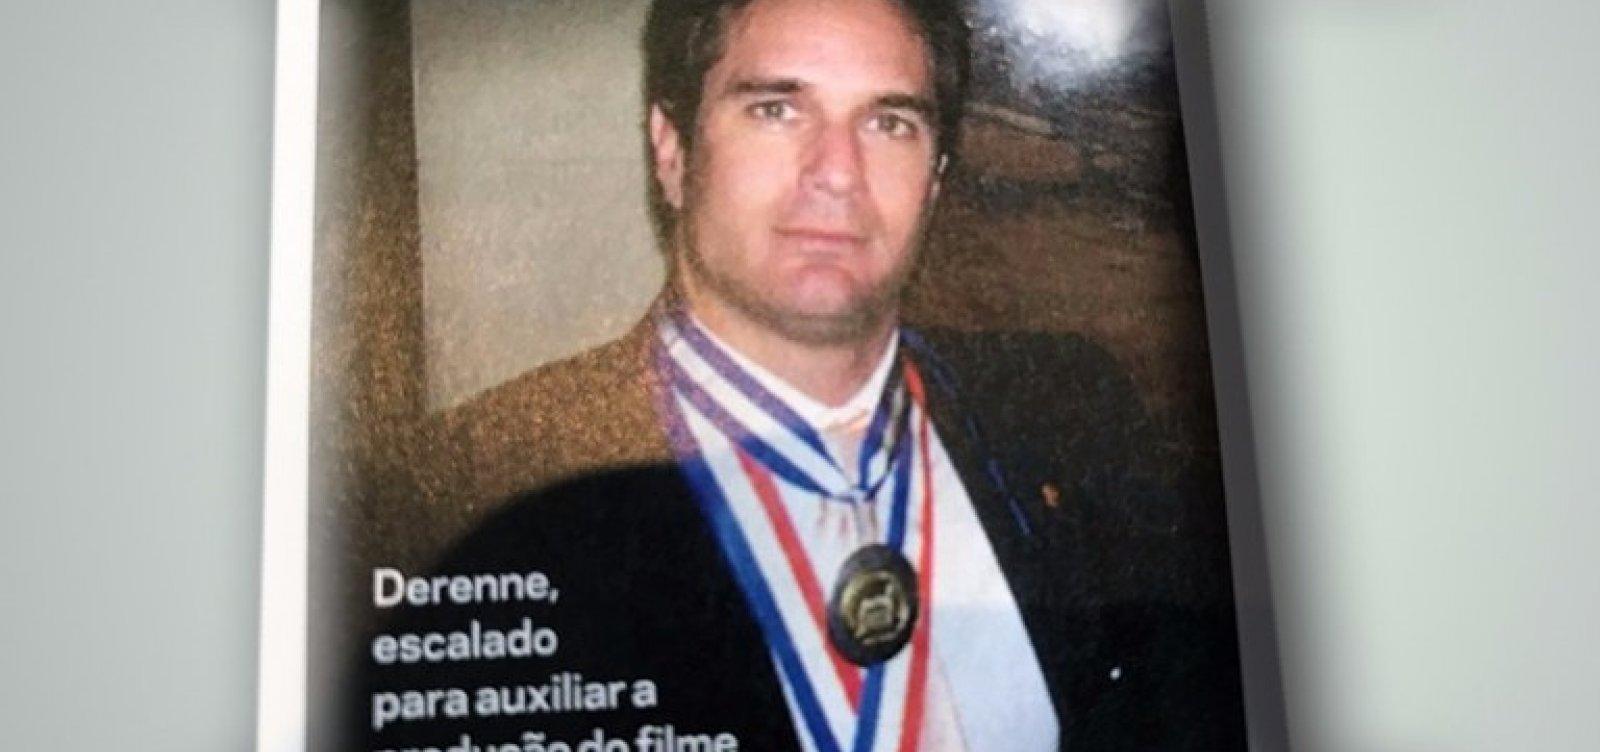 [Delegado da PF citado em inquérito recebeu maior homenagem da Alerj a pedido de Flávio Bolsonaro]